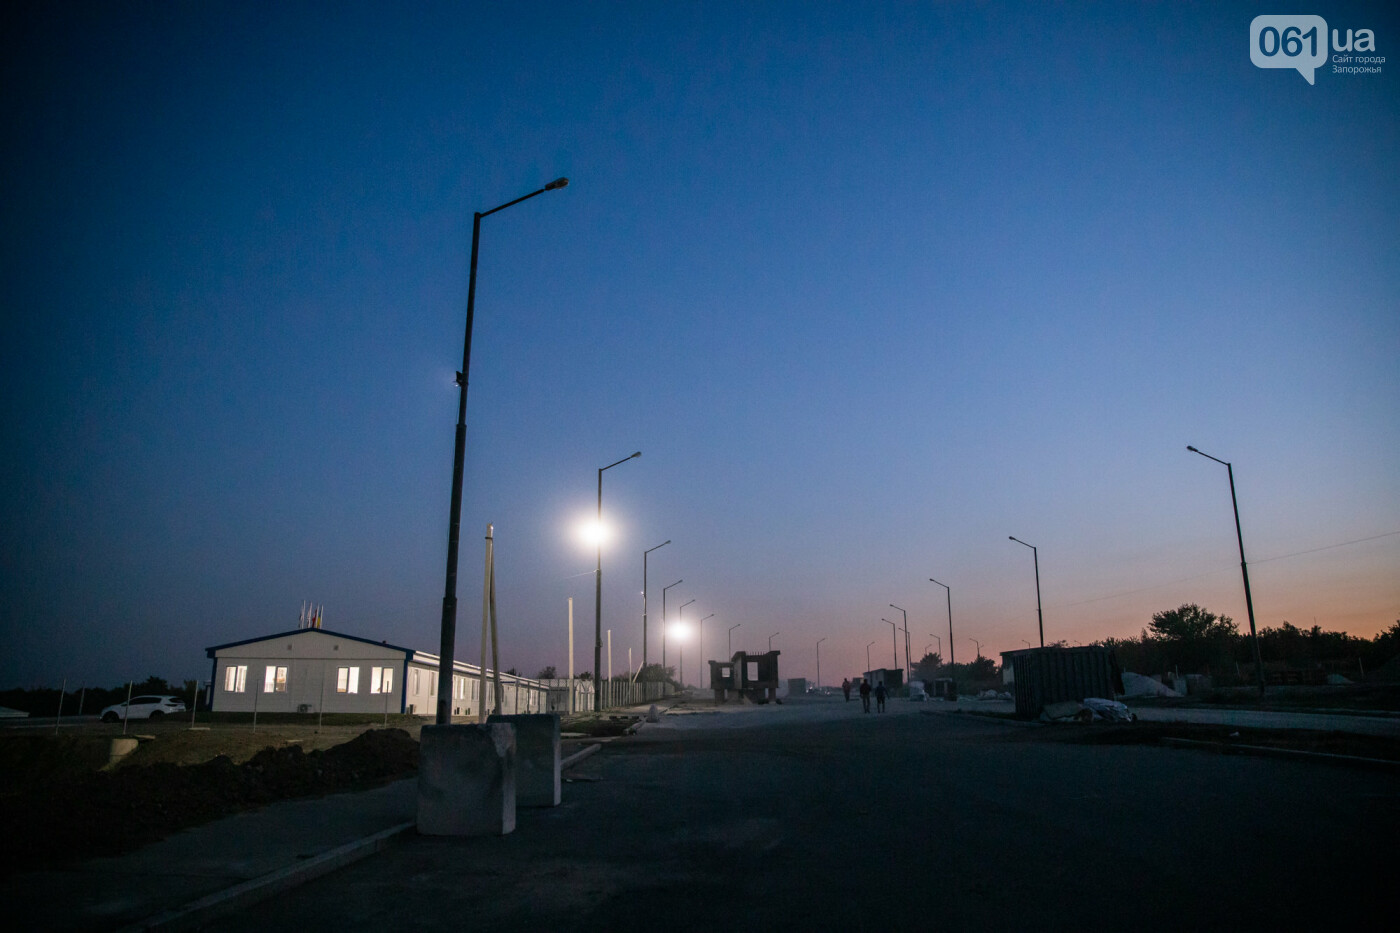 В Запорожье собирают балочный мост через Старый Днепр – строители работают даже ночью, - ФОТОРЕПОРТАЖ , фото-26